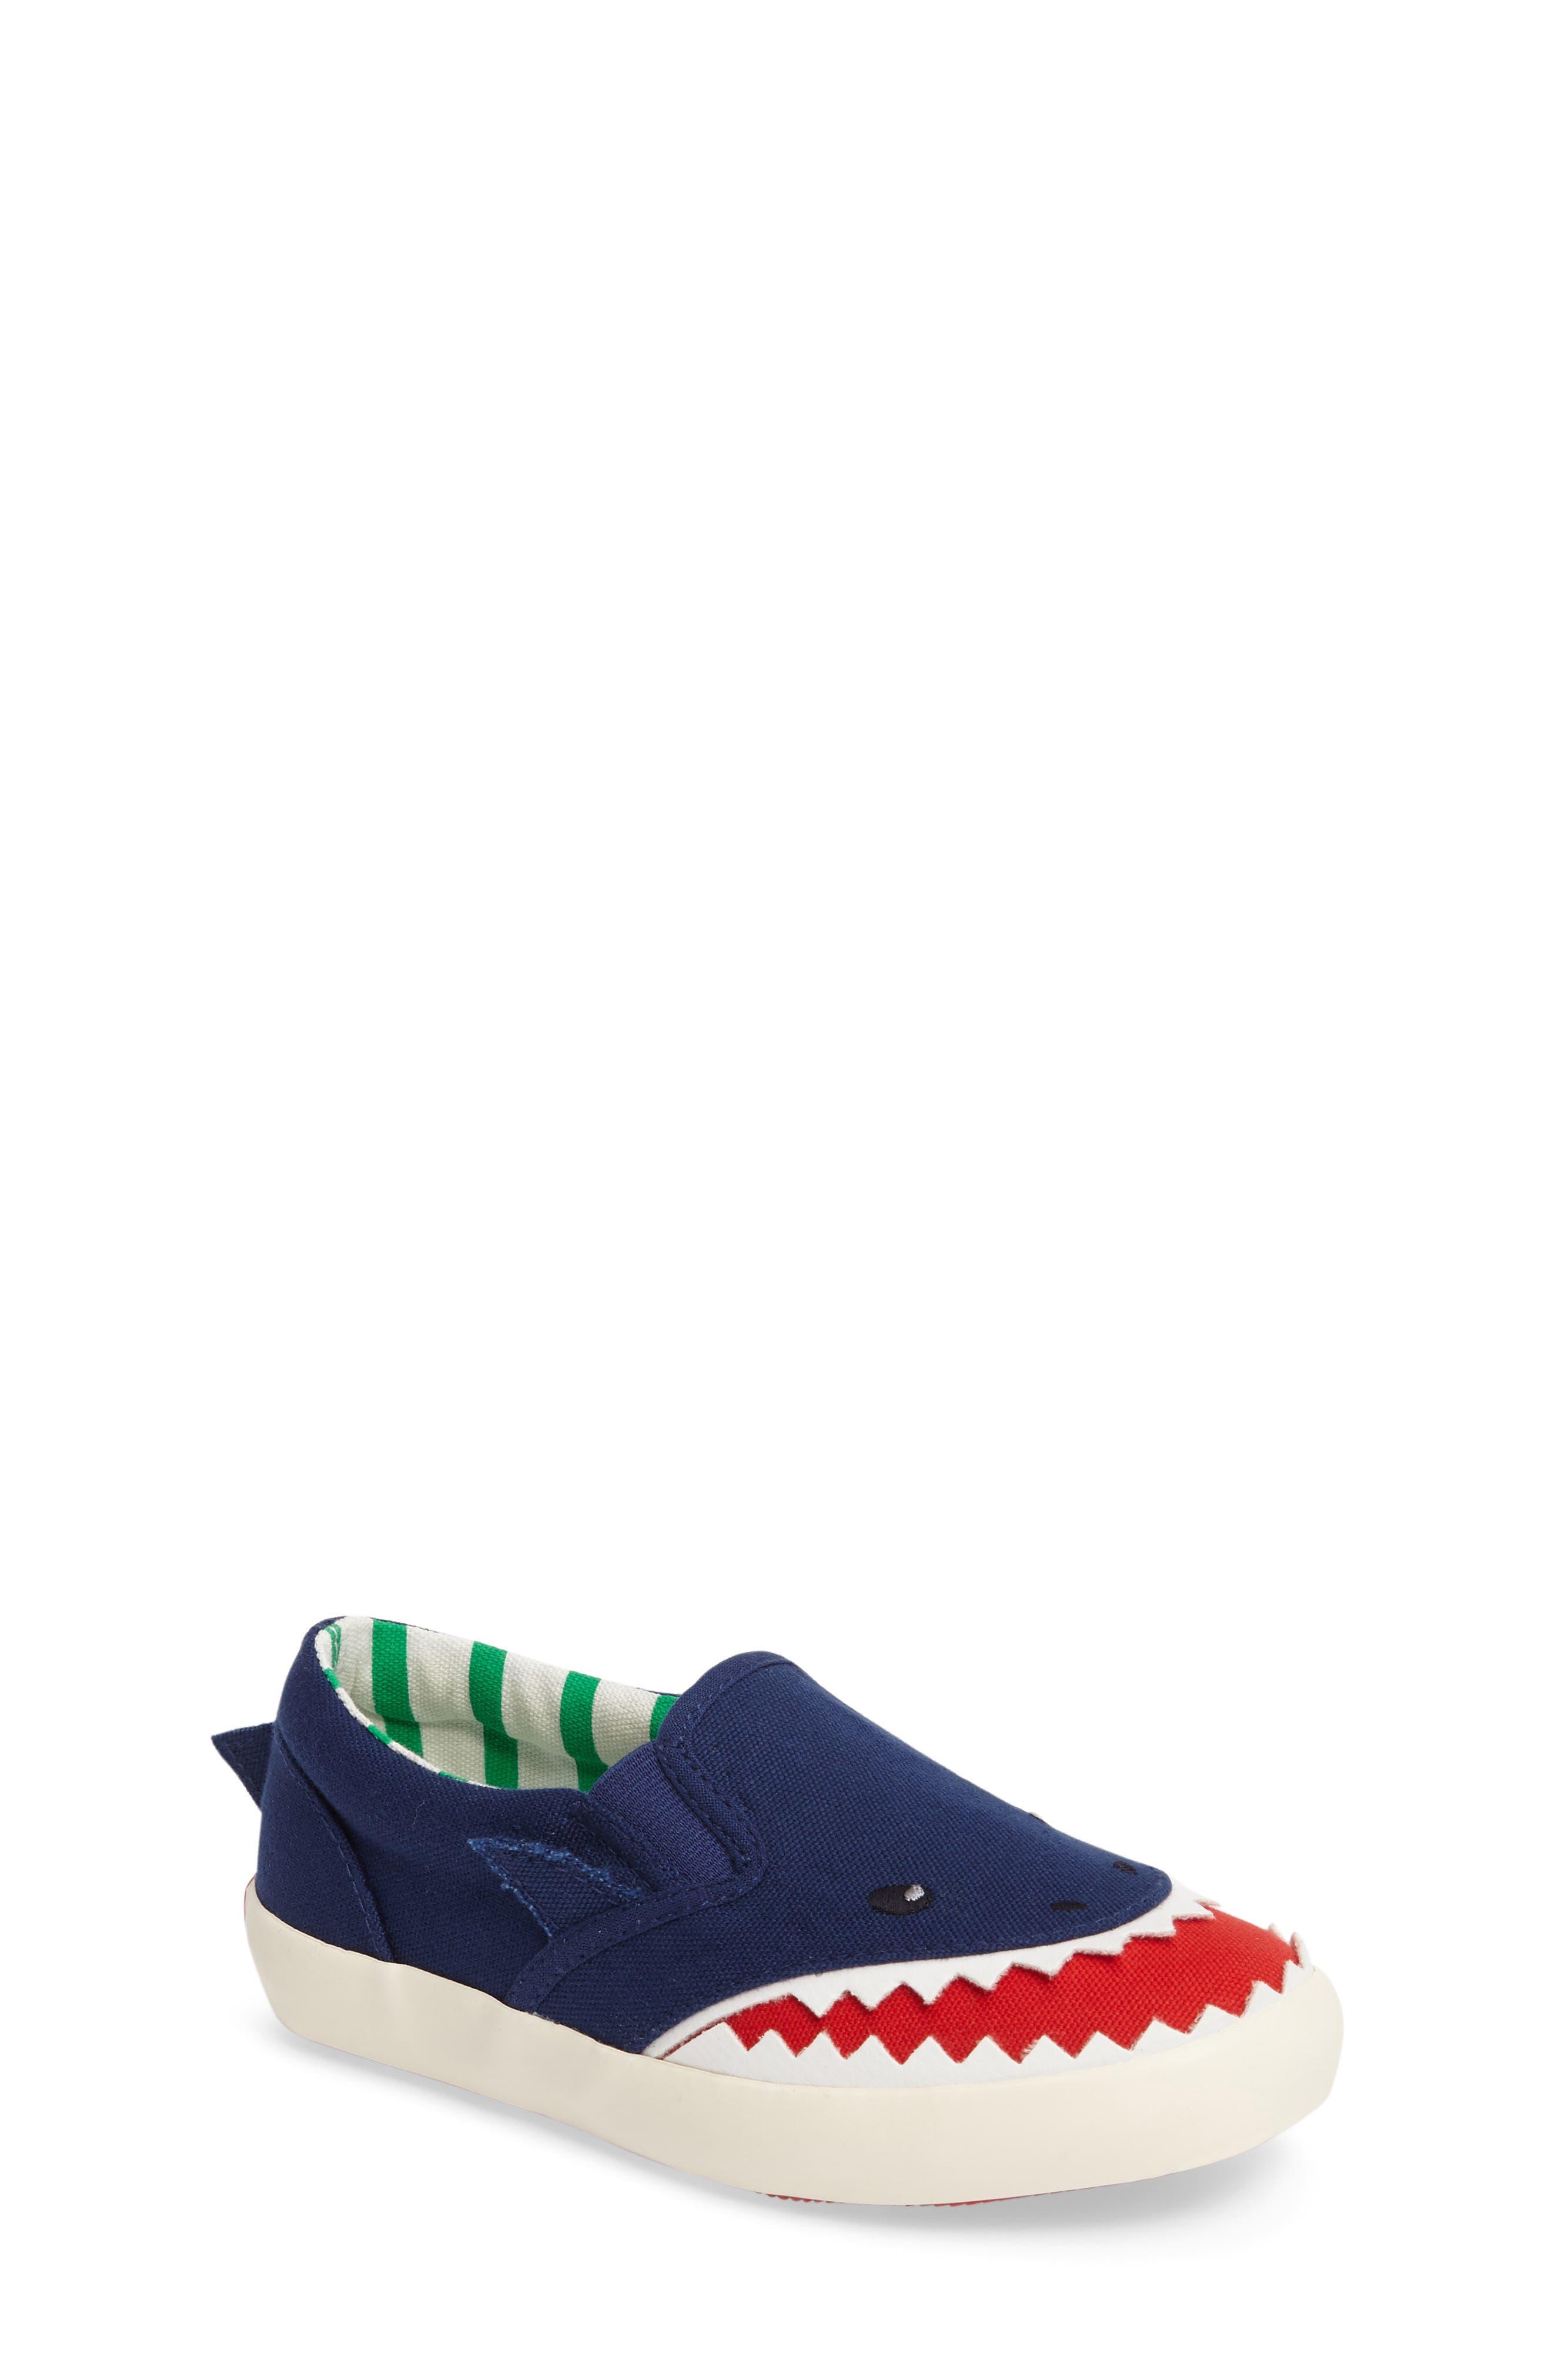 Main Image - Mini Boden Slip-On Sneaker (Toddler, Little Kid & Big Kid)